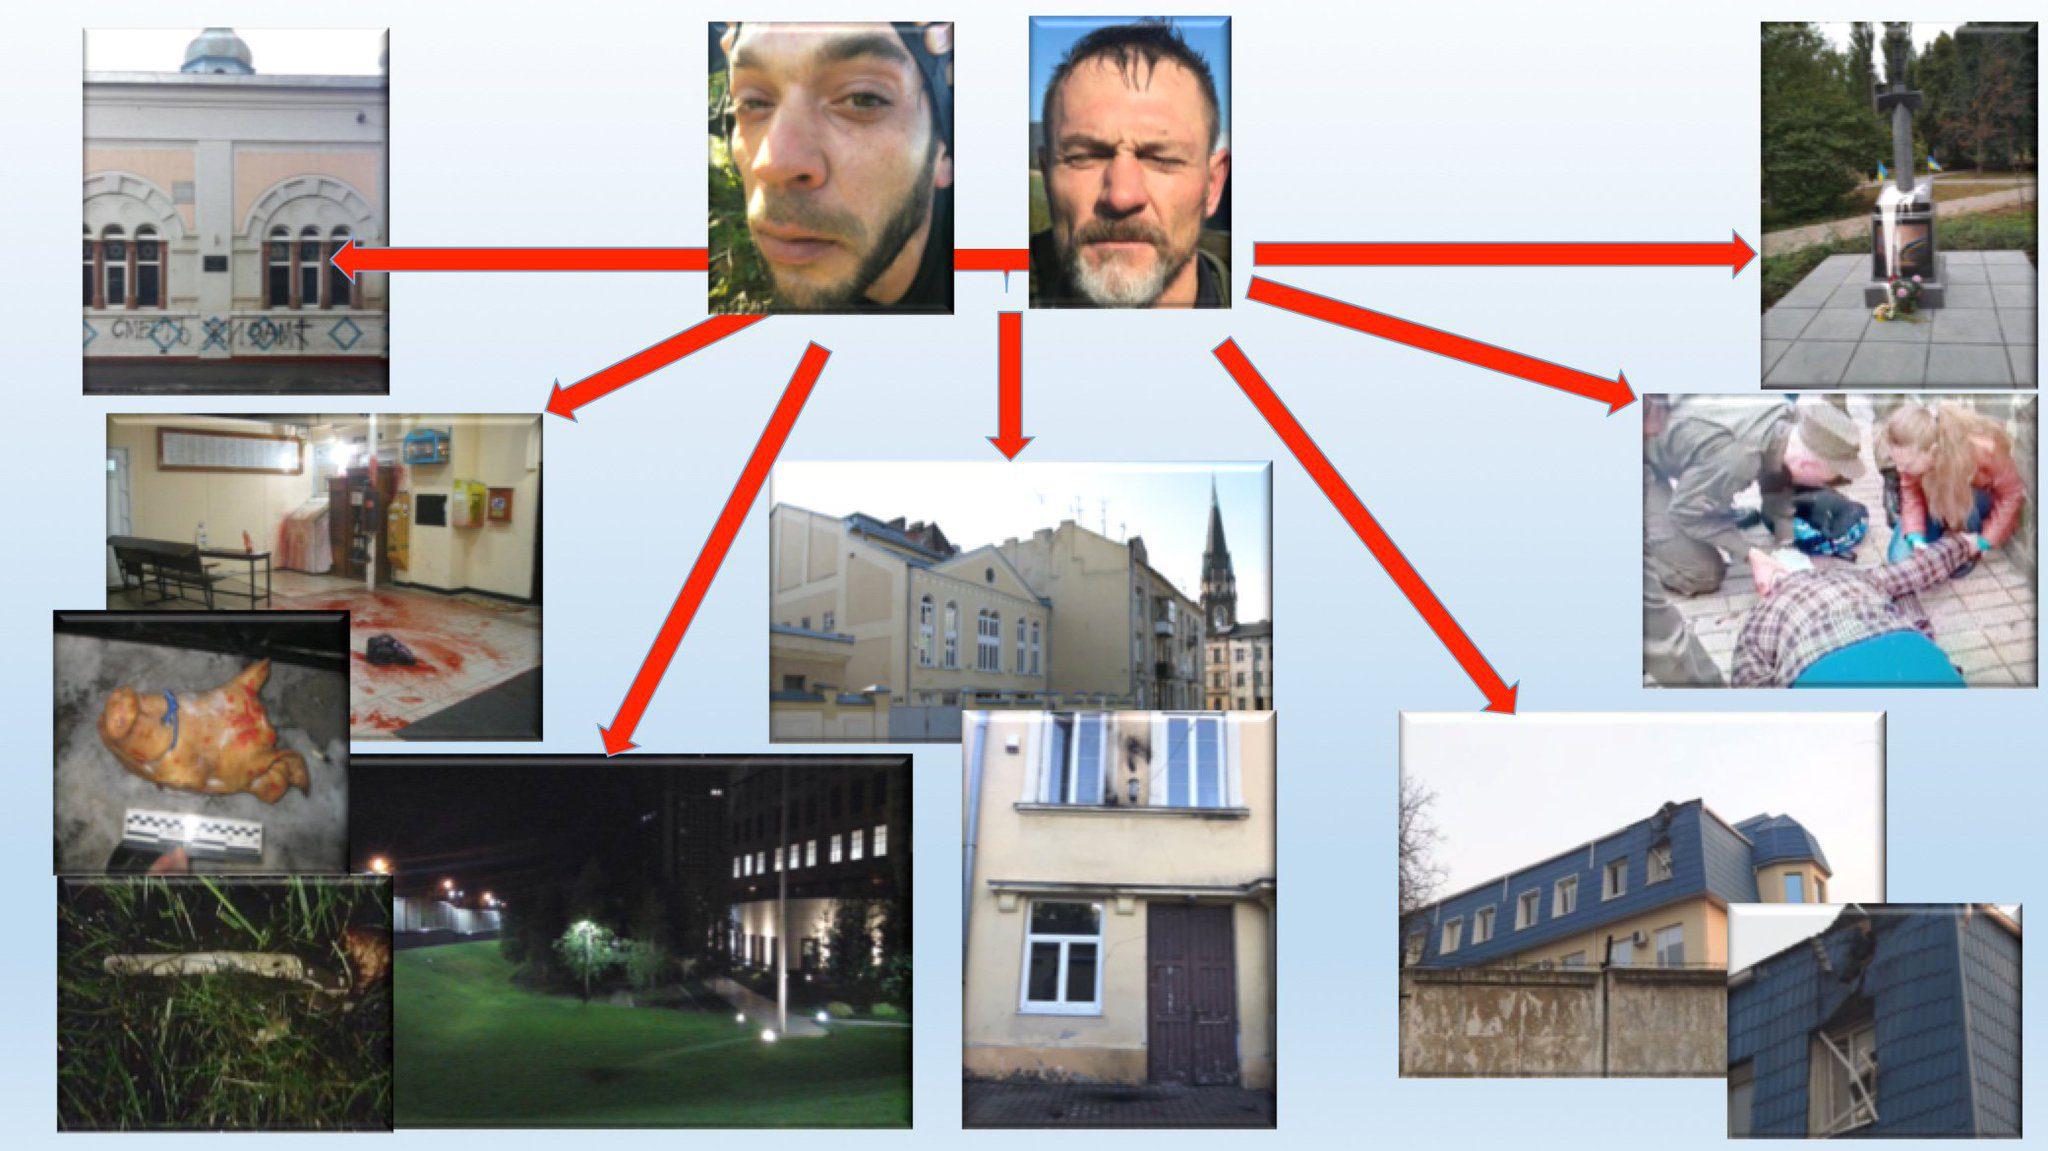 DLH ILjXUAAafrX - «Позбавити людей почуття безпеки»: хто, як і навіщо нападав на синагоги, пам'ятники і посольства в Україні - Заборона